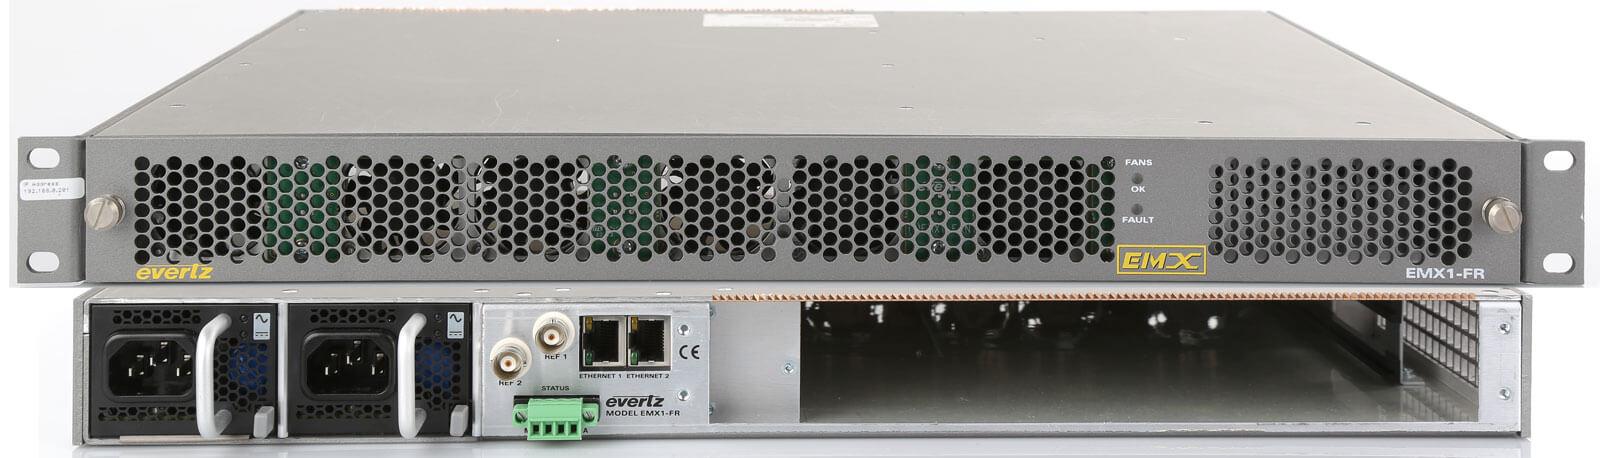 EVERTZ EMX1-FR